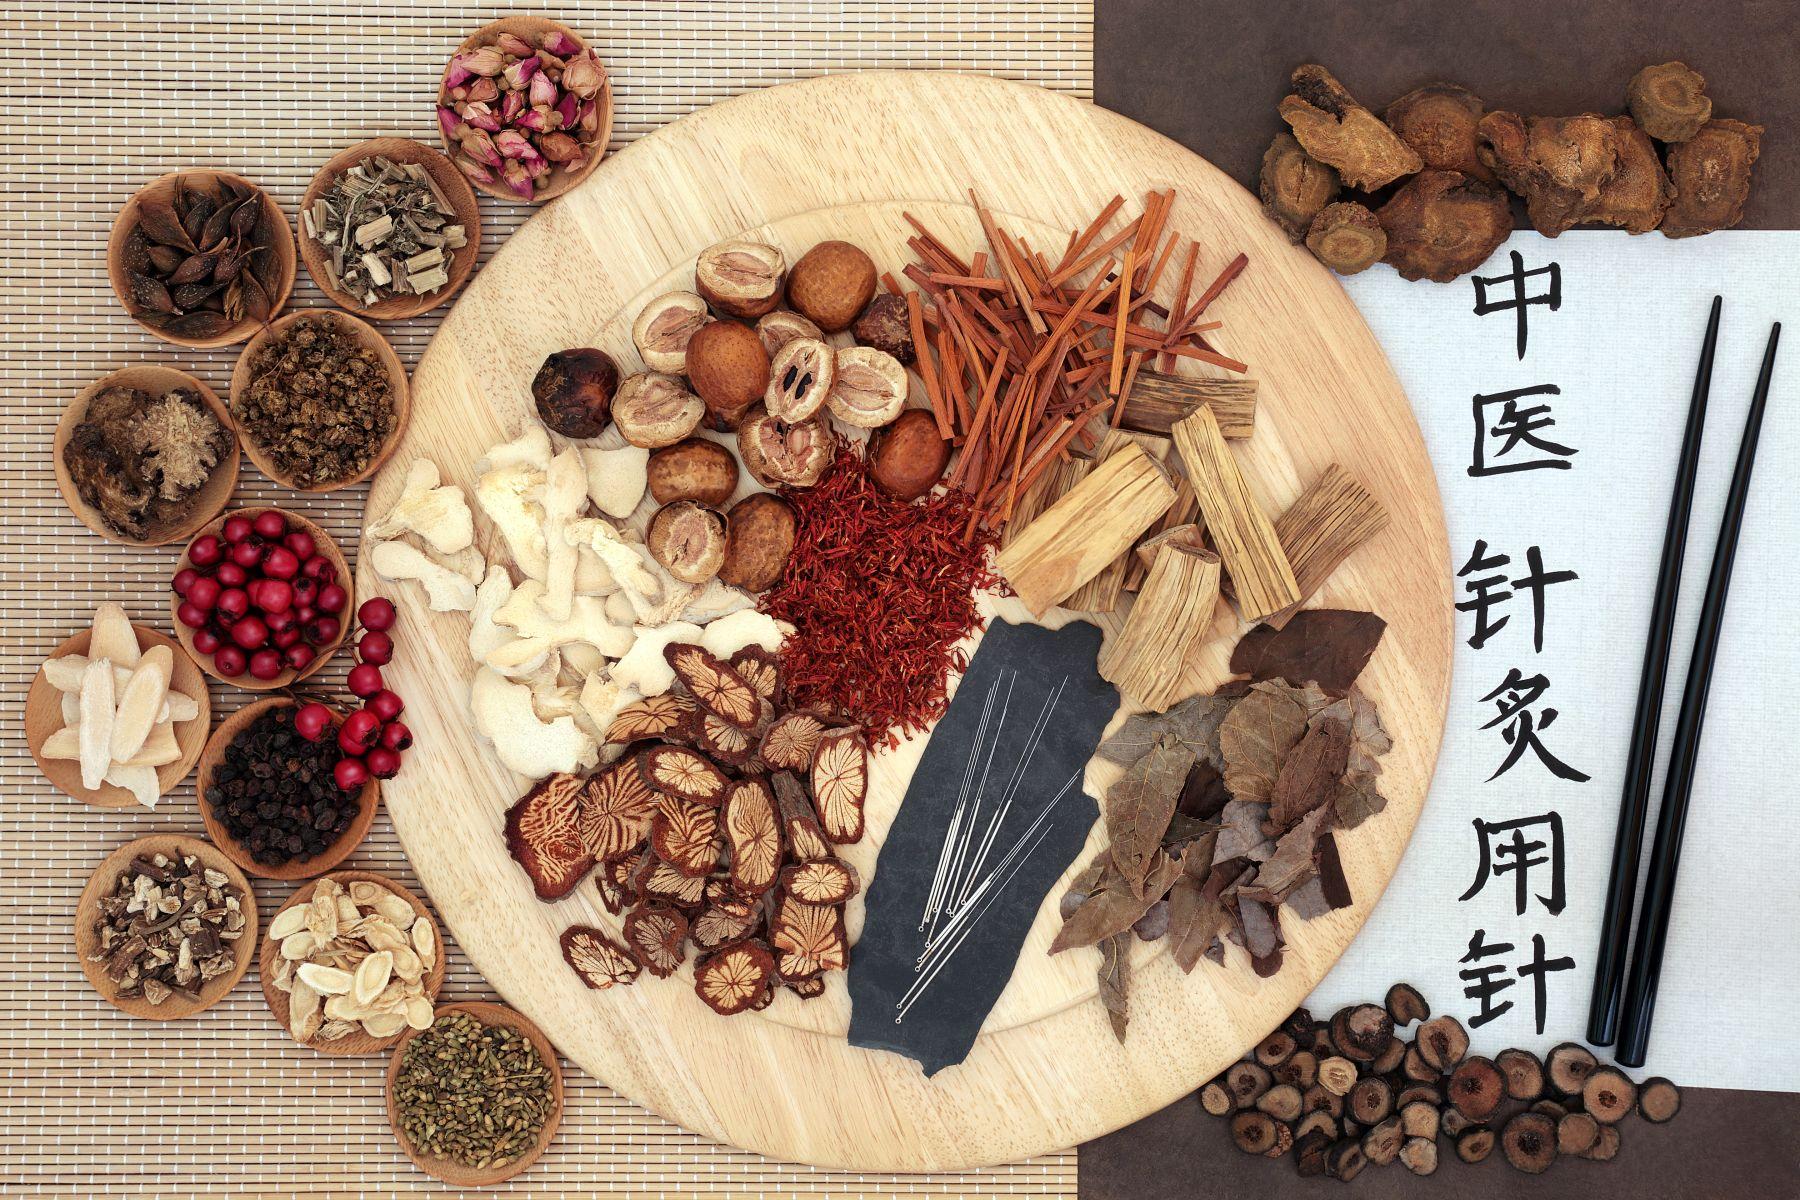 2大體質易釀皮膚乾、癢、紅 中醫師推薦中藥材、深色食物養血潤膚